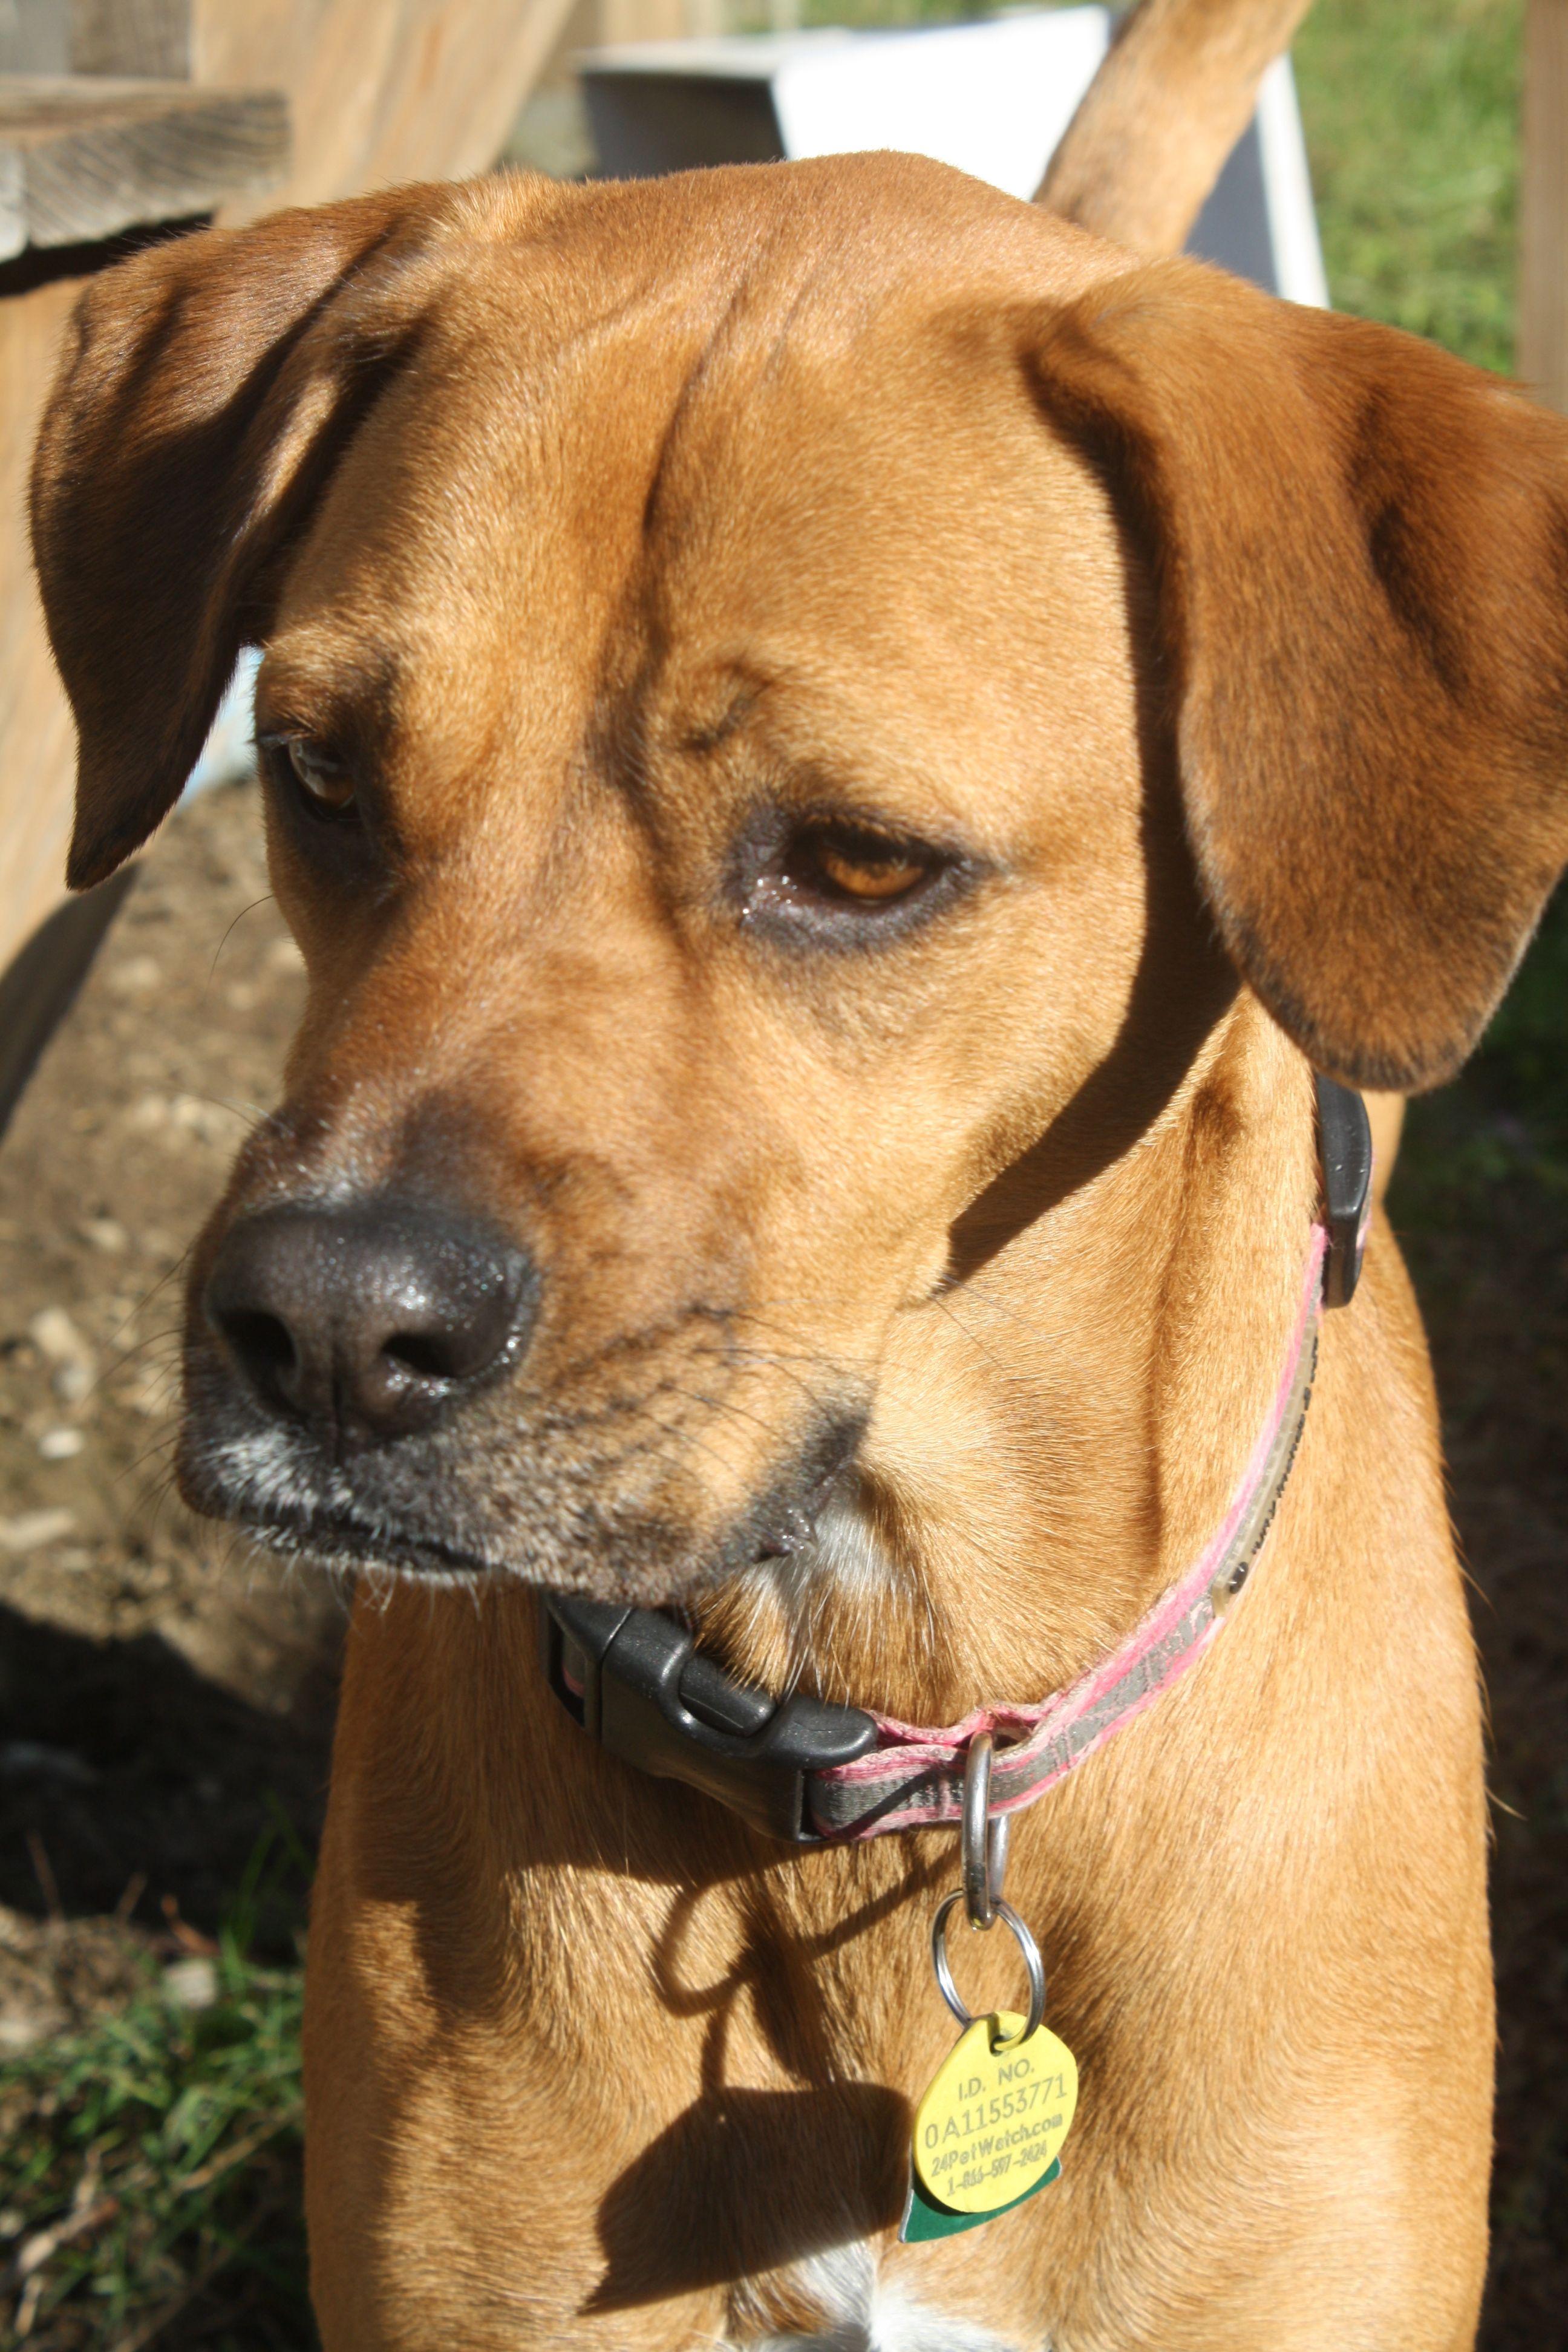 Our babygirl. Labrador retriever